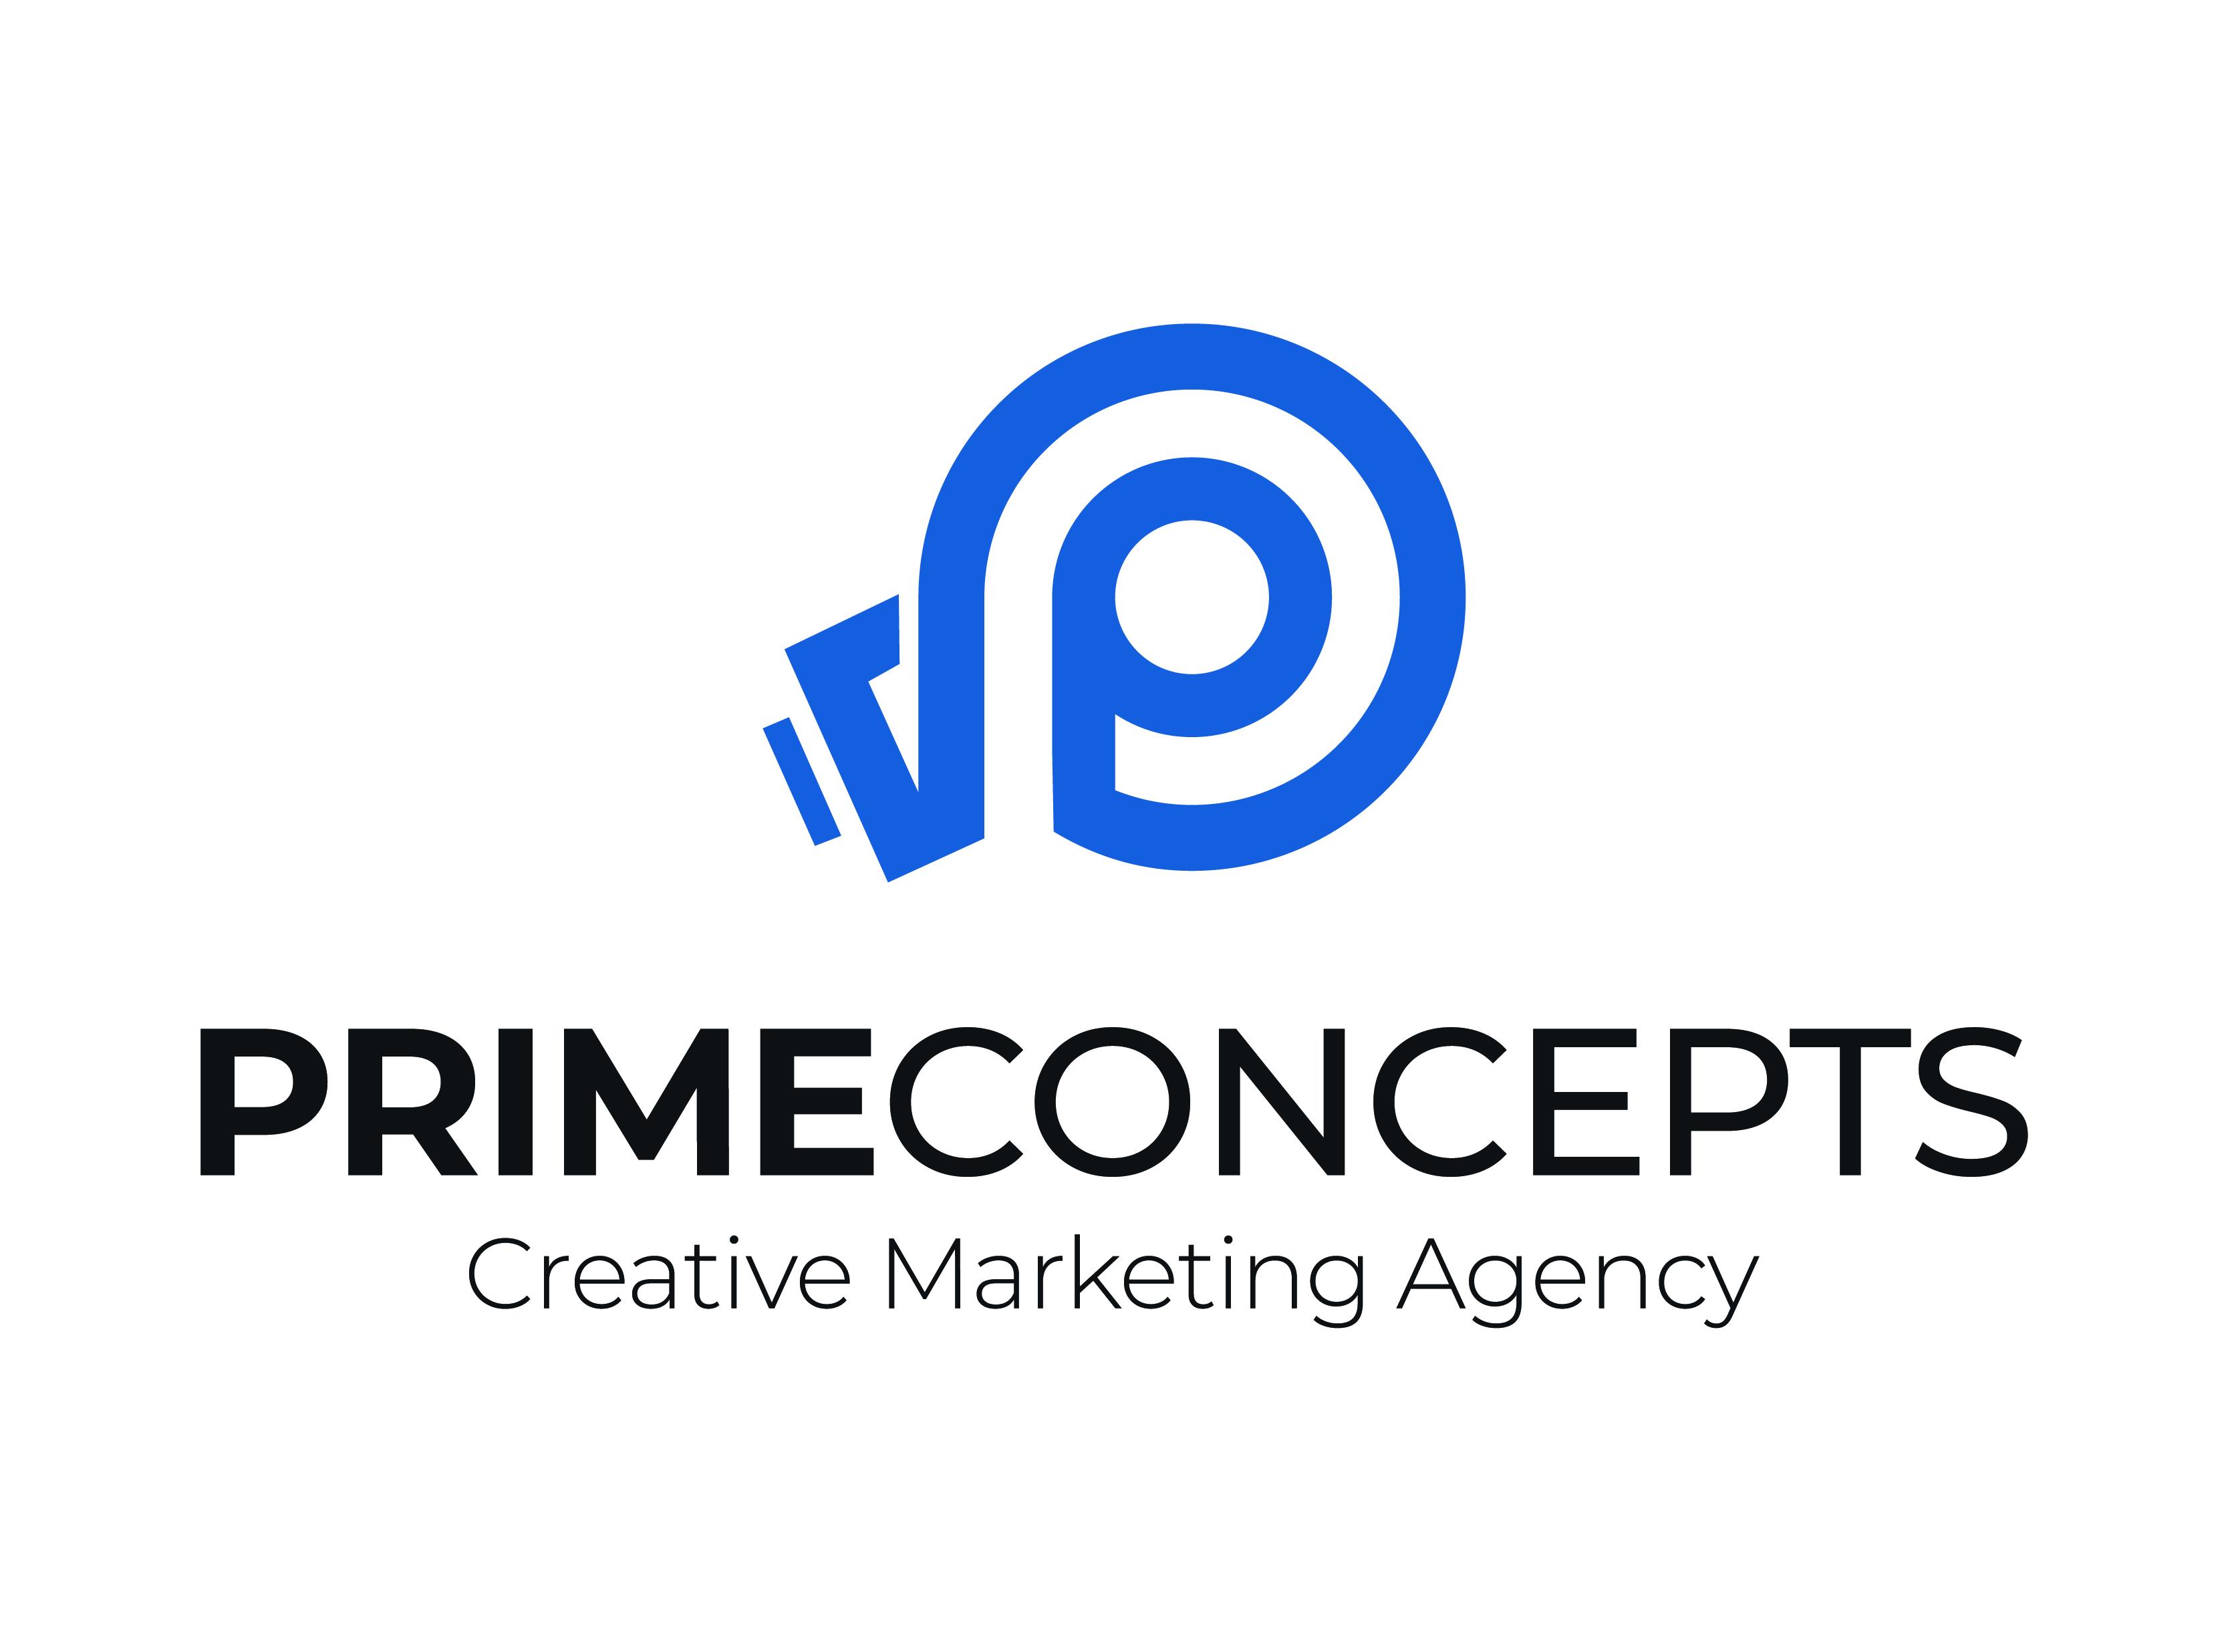 Prime Concepts Group Inc.